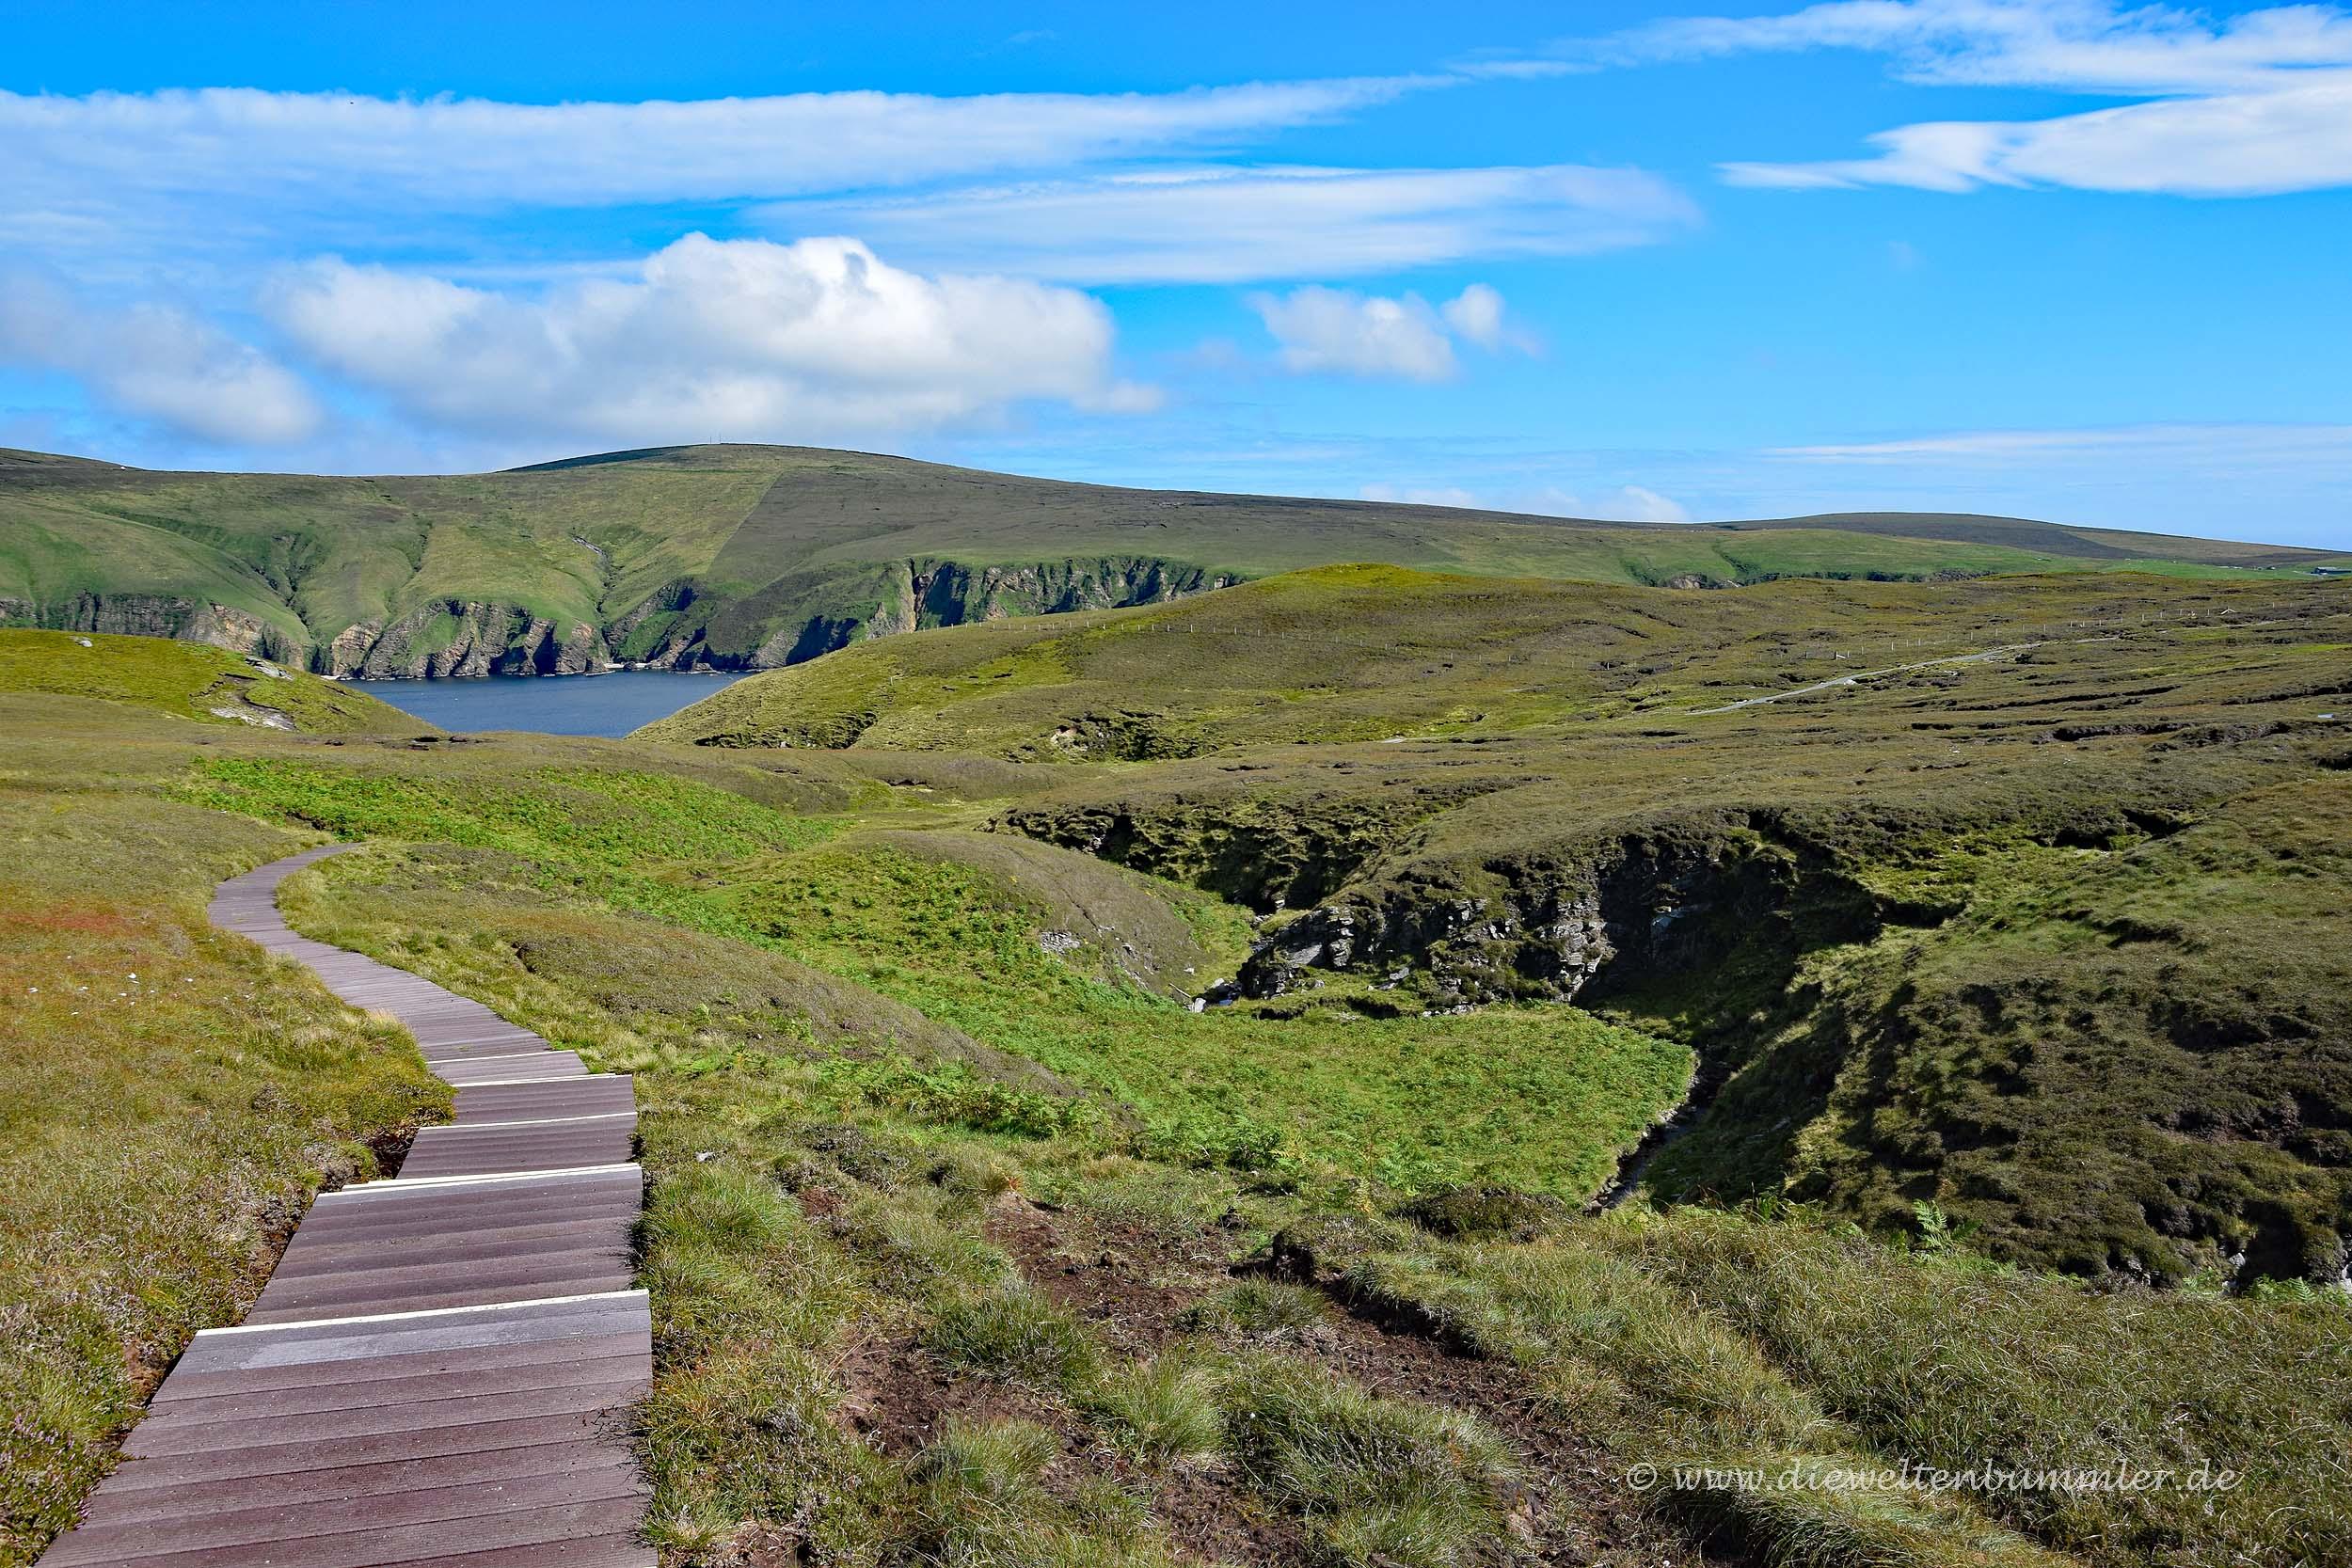 Wanderweg durch das Naturreservat